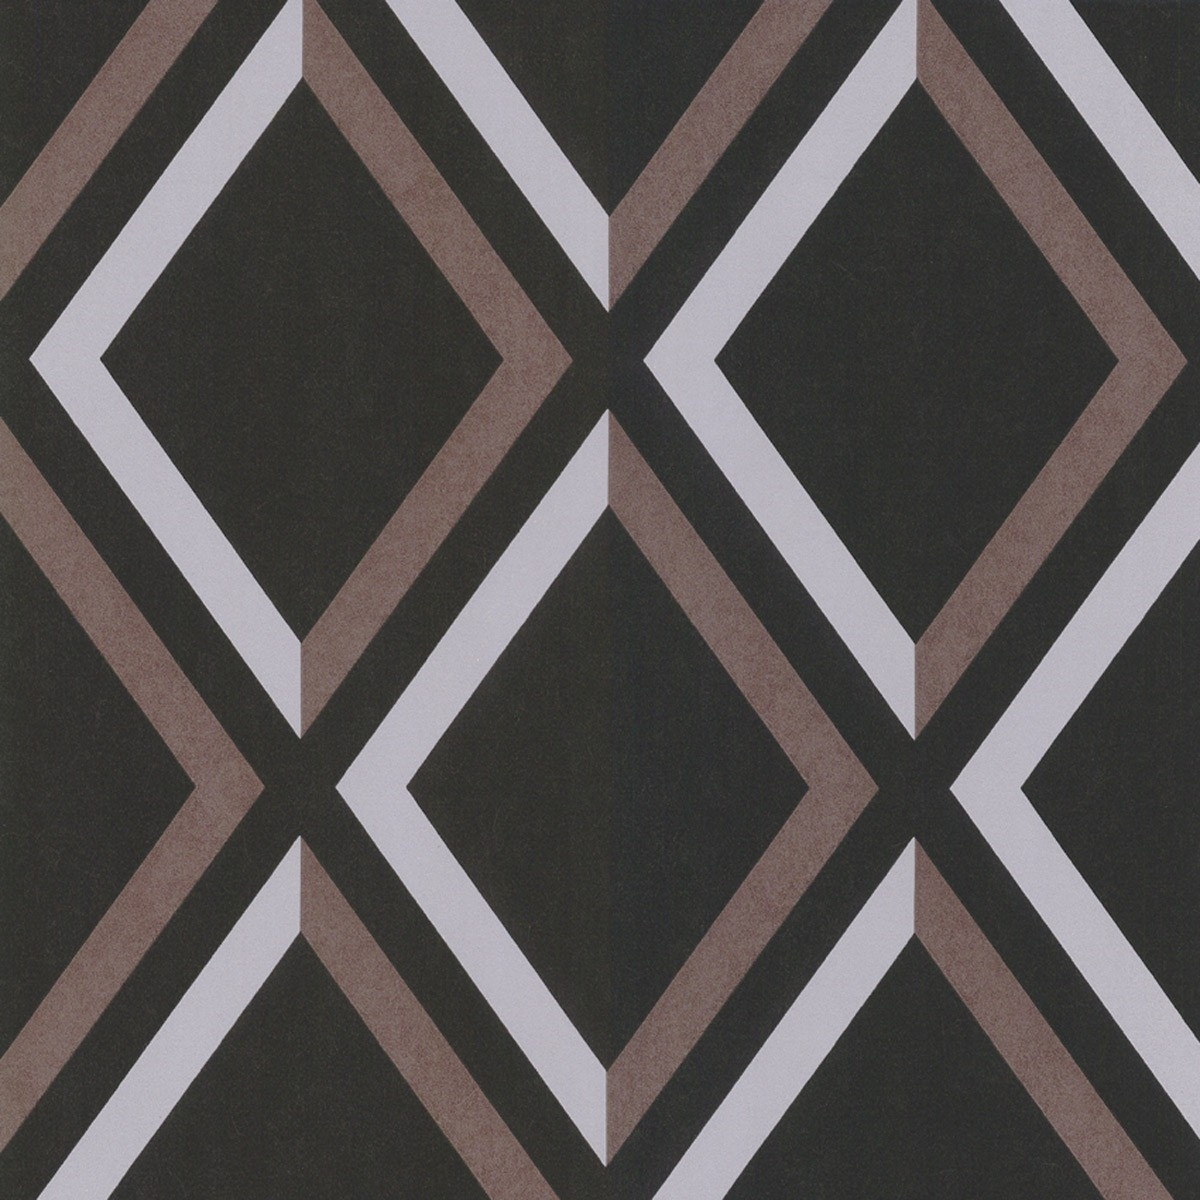 papier peint pompeian cole and son. Black Bedroom Furniture Sets. Home Design Ideas